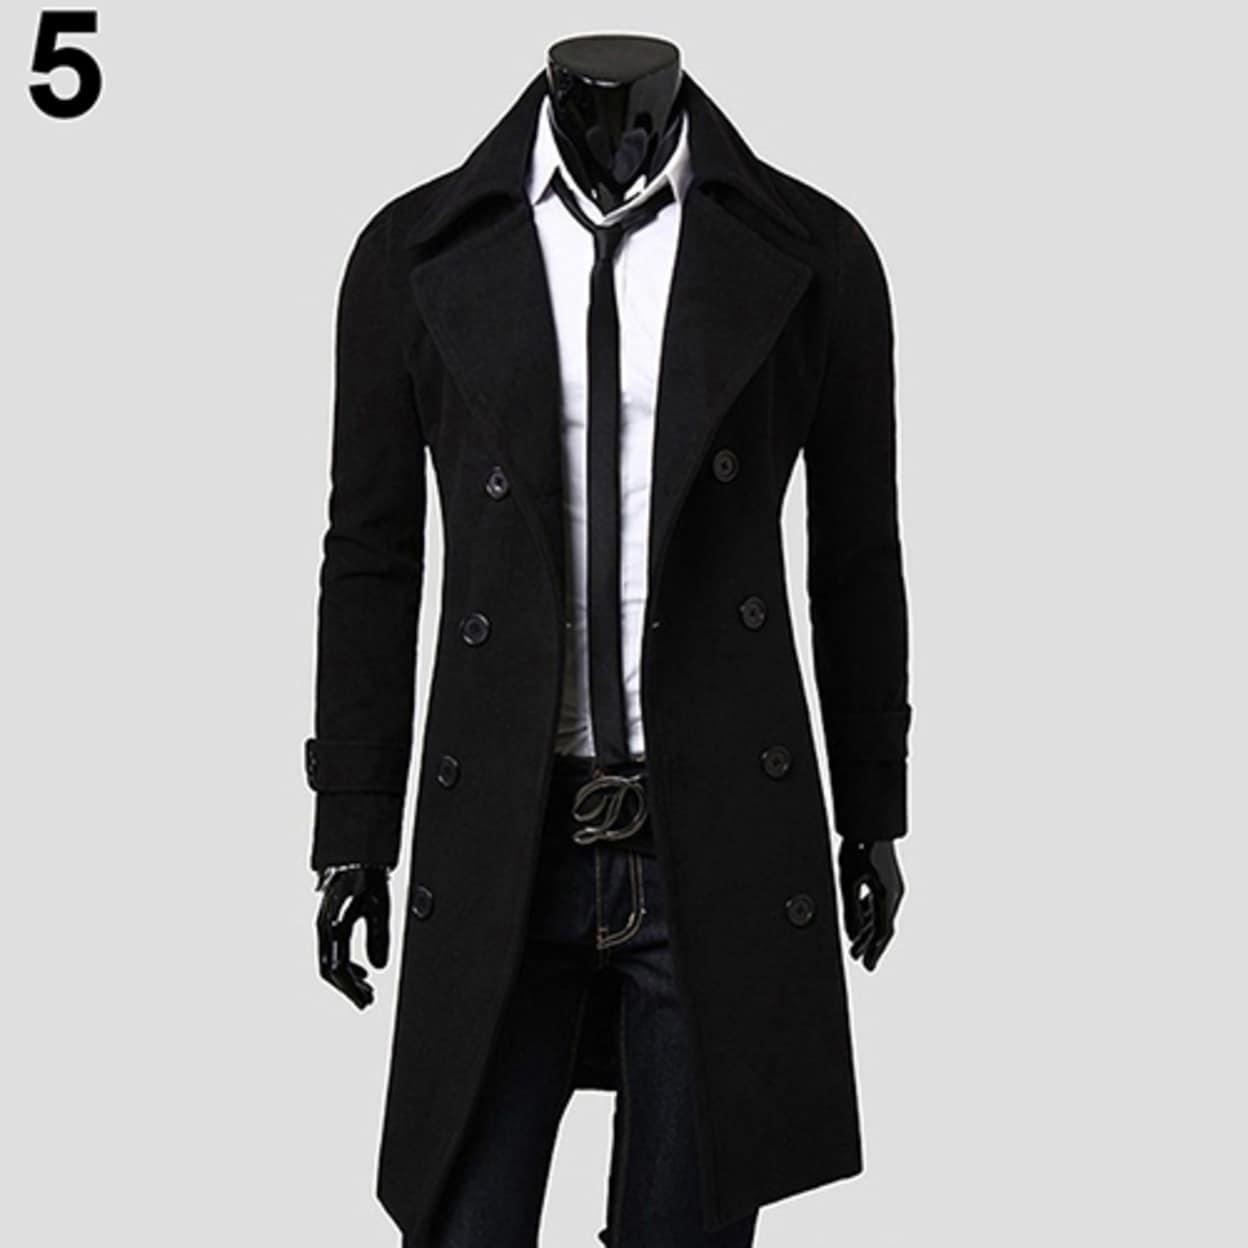 Men/'s Winter Warm Wool Trench Coat Double Breasted Overcoat Slim Jacket Outwear